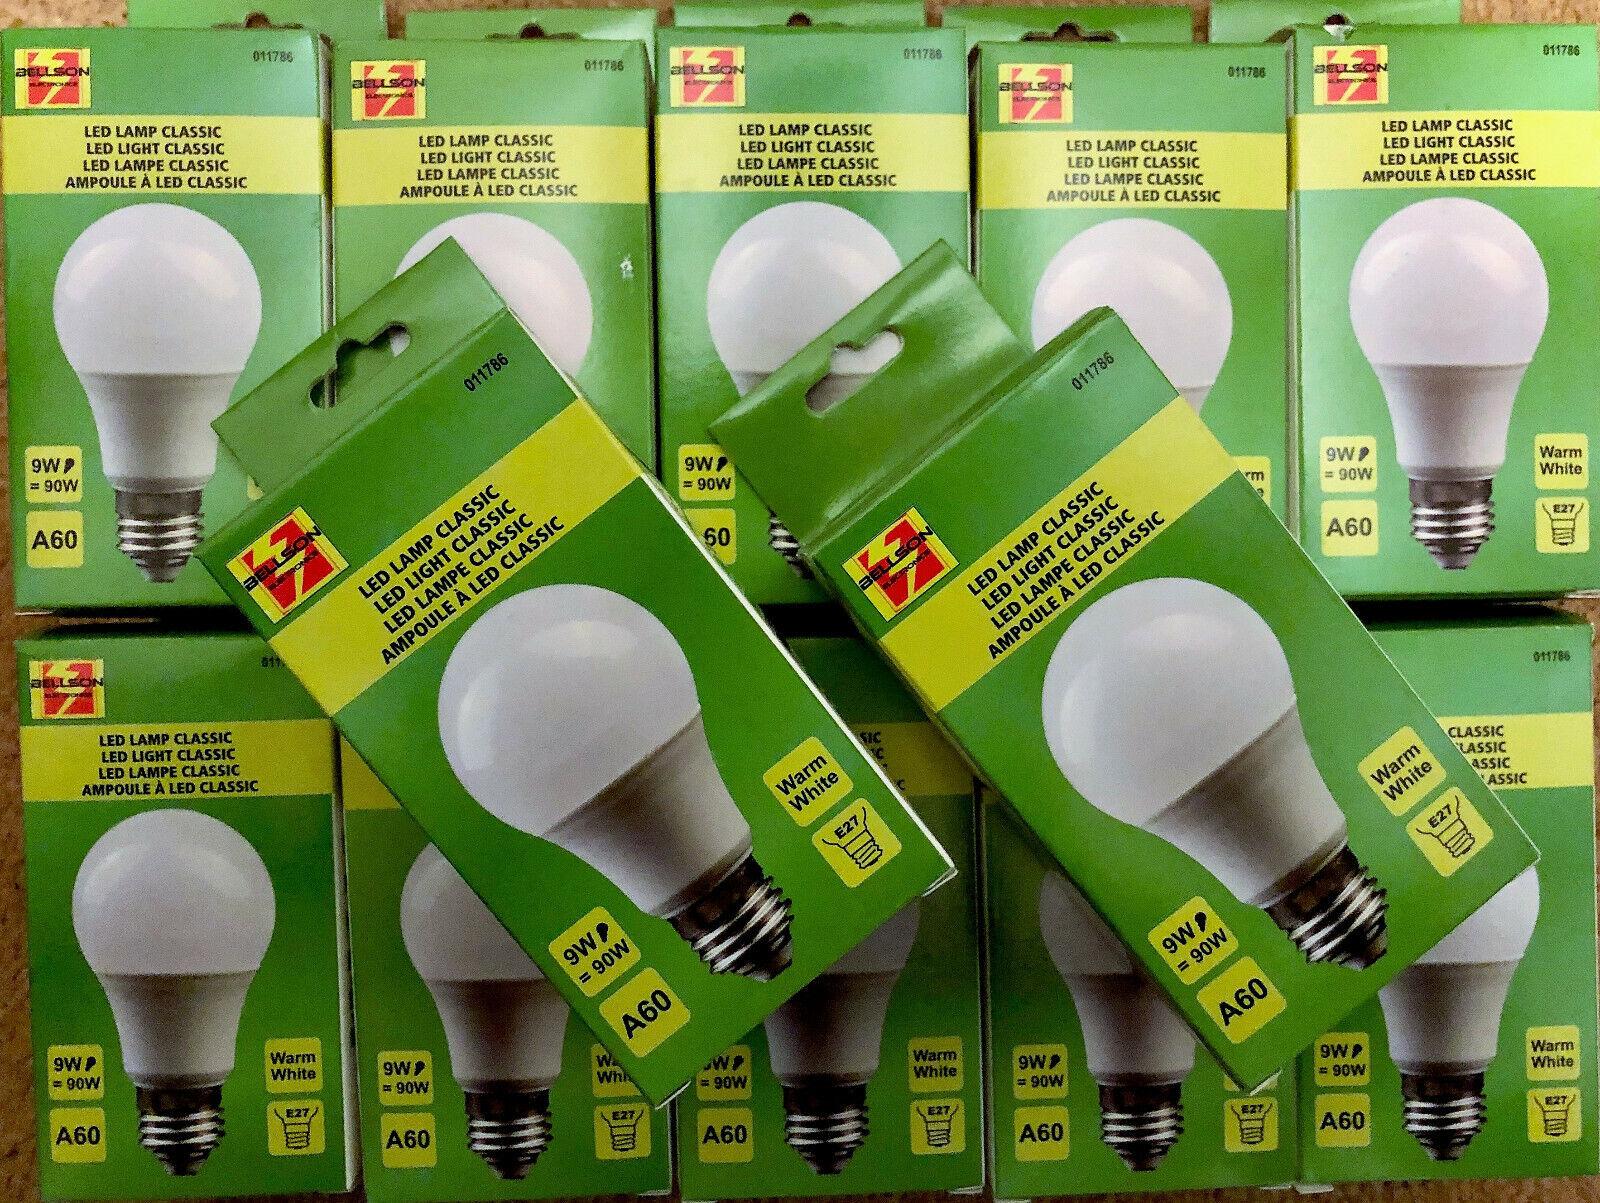 24x LED Leuchtmittel 5 W 9 W Leuchte E27 Lampe Glüh-Birnen Glühbirnen Warmweiß